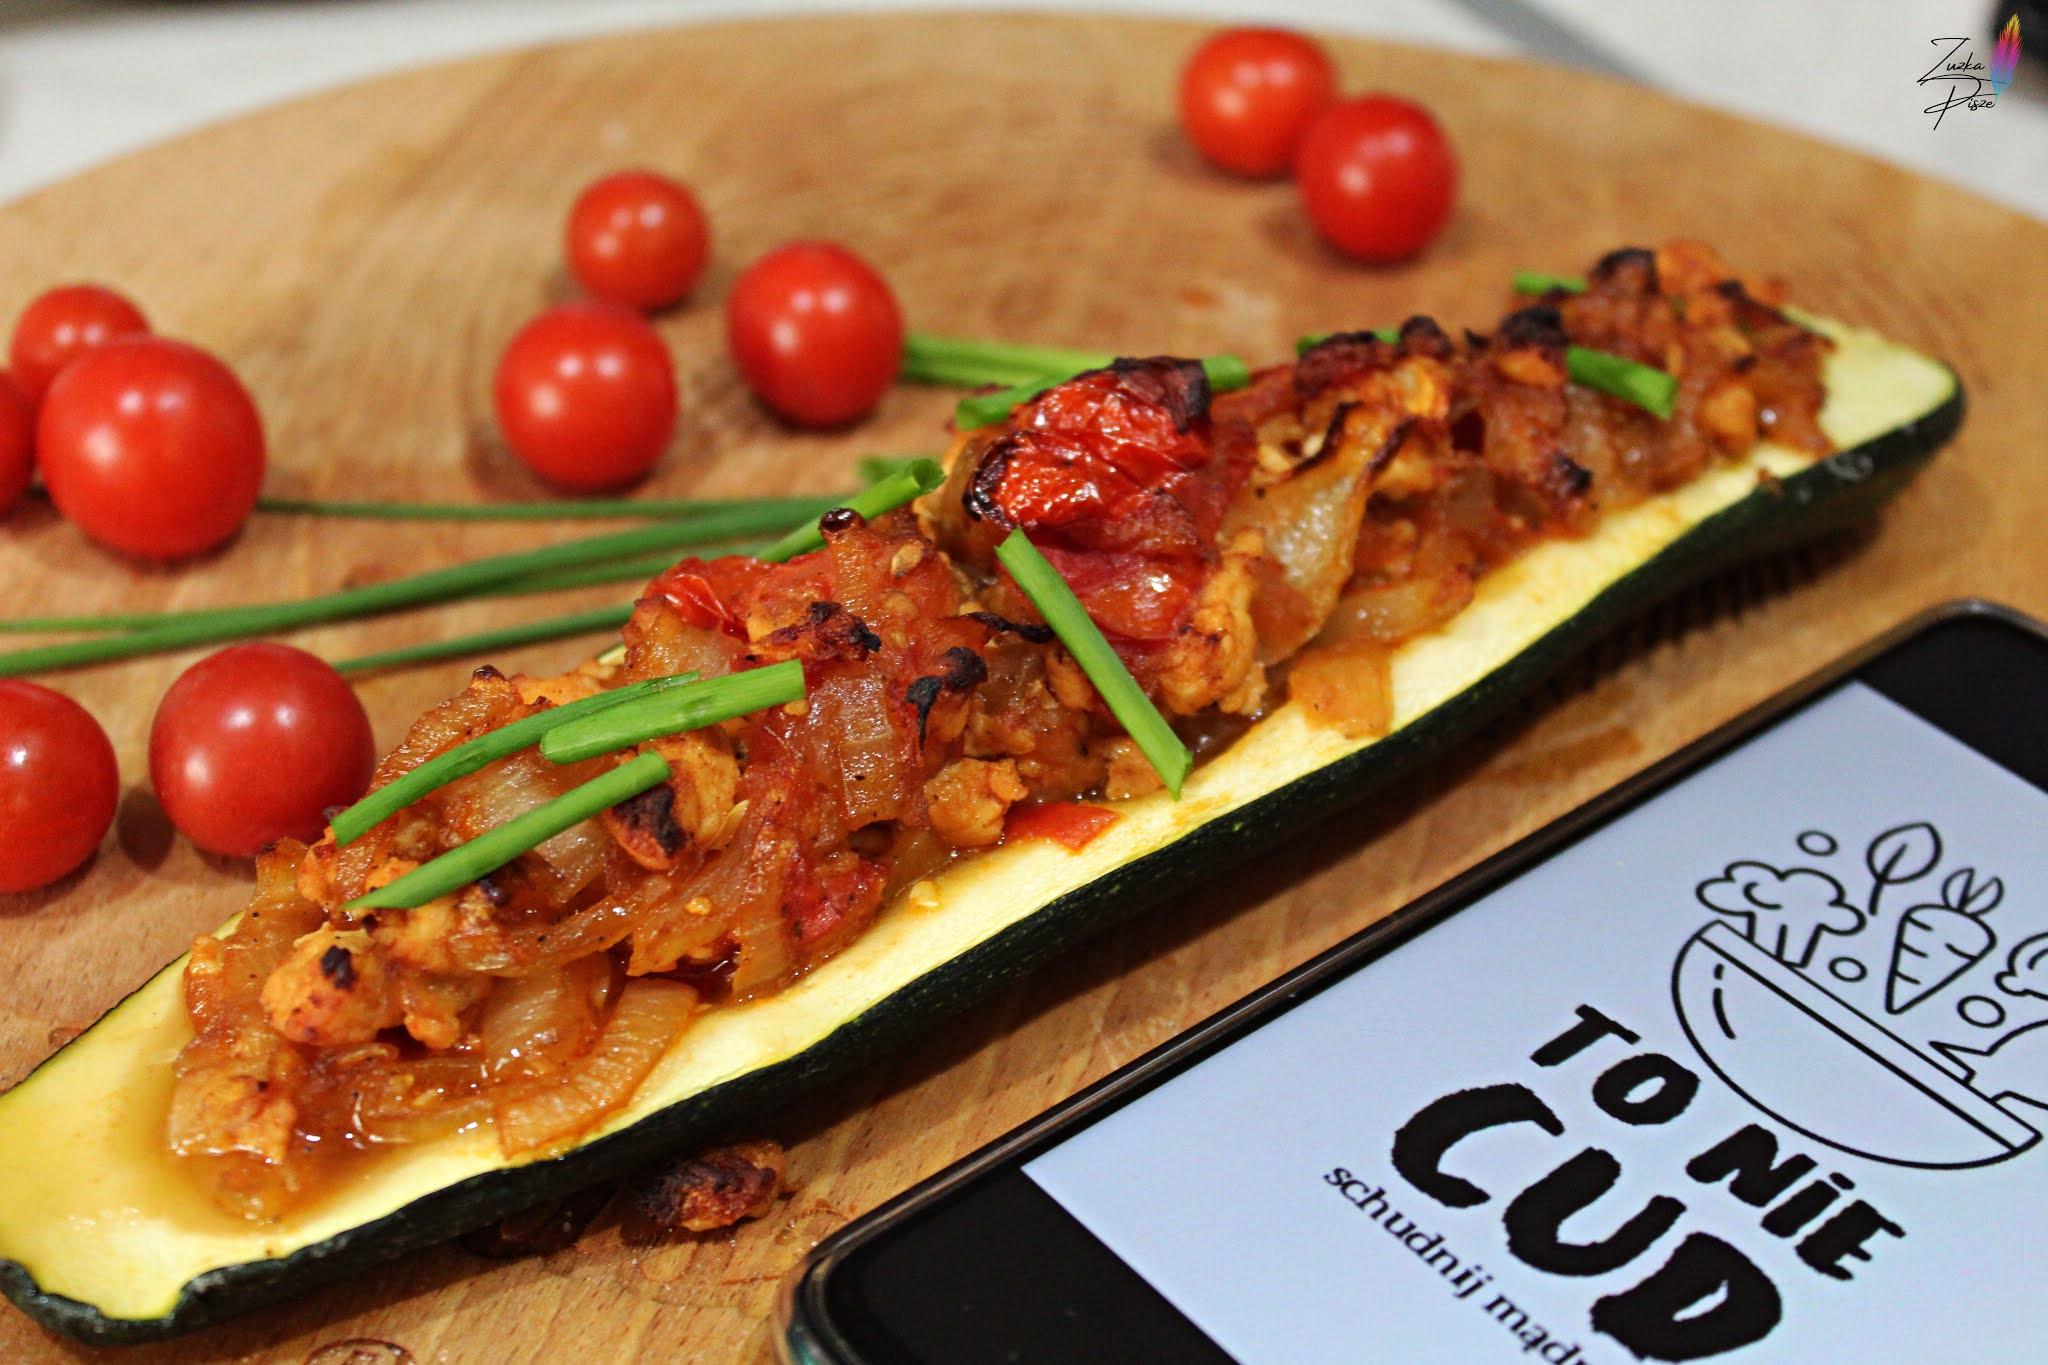 Cukinia faszerowana warzywami i mięsem z piersi kurczaka - przepis